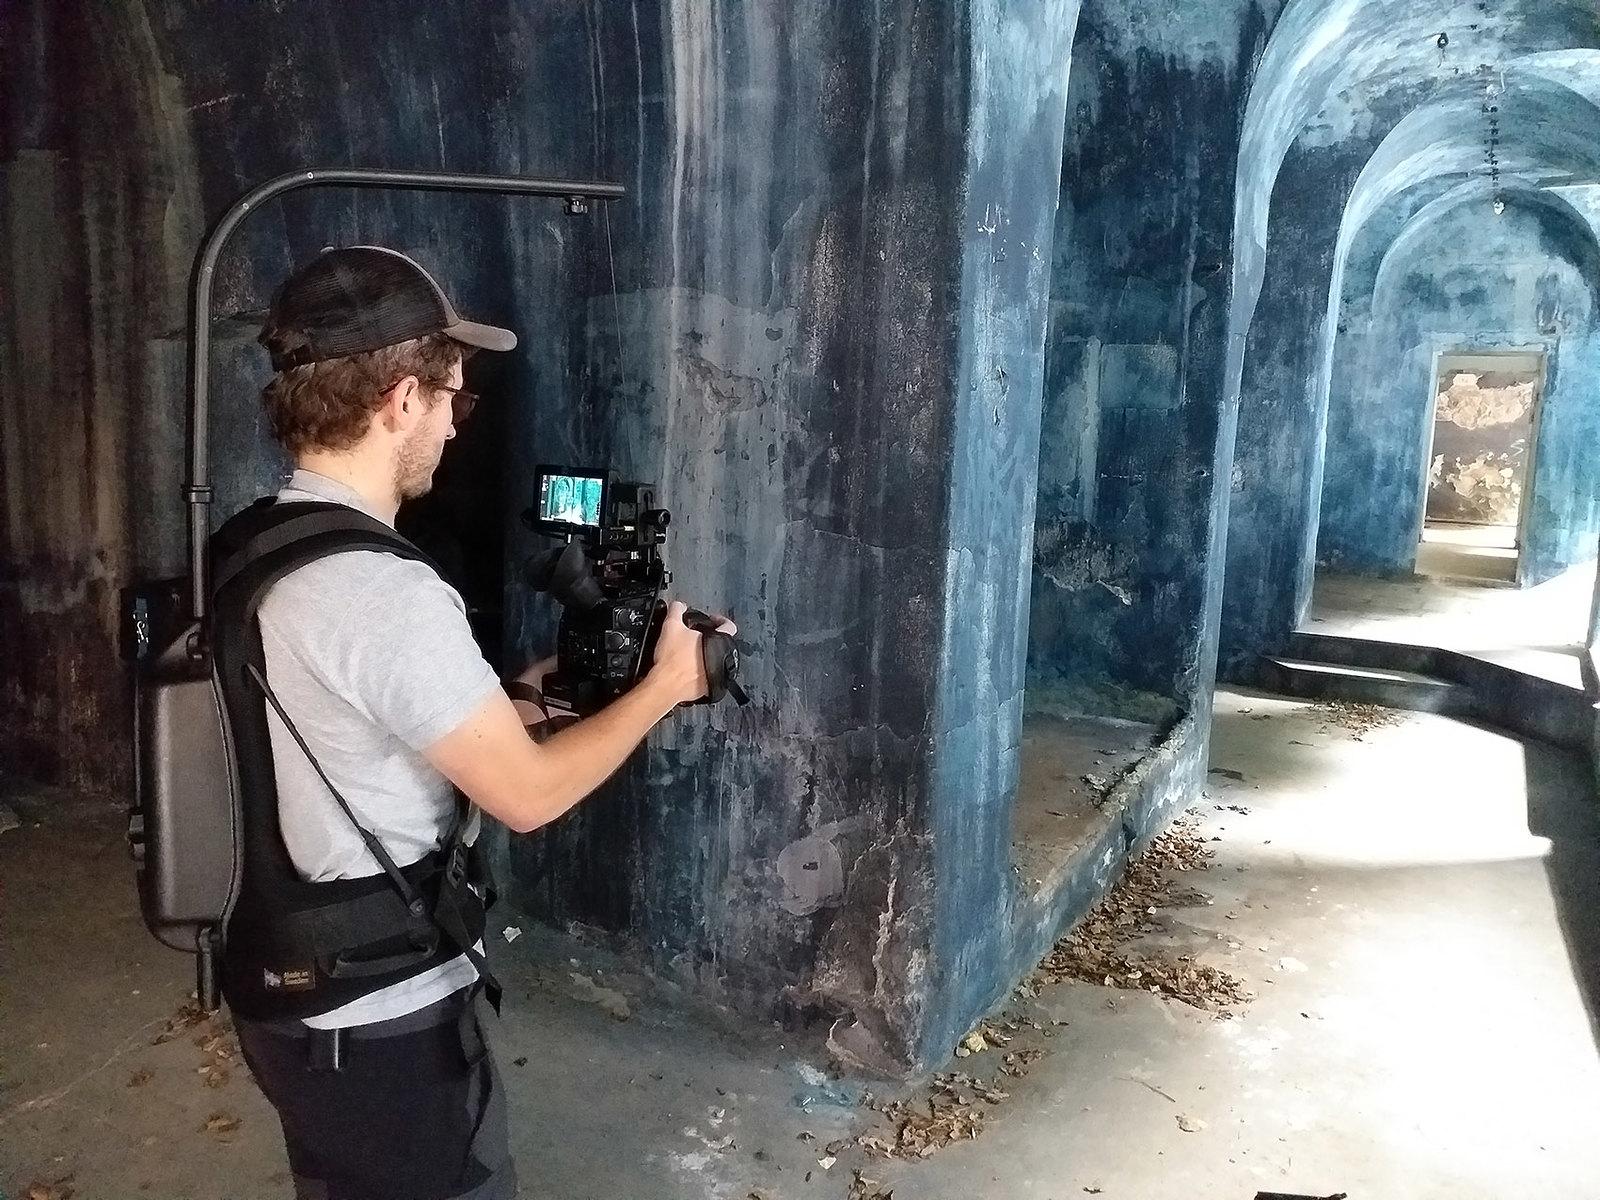 Shema stvari snimala se i u prostorima Hartere